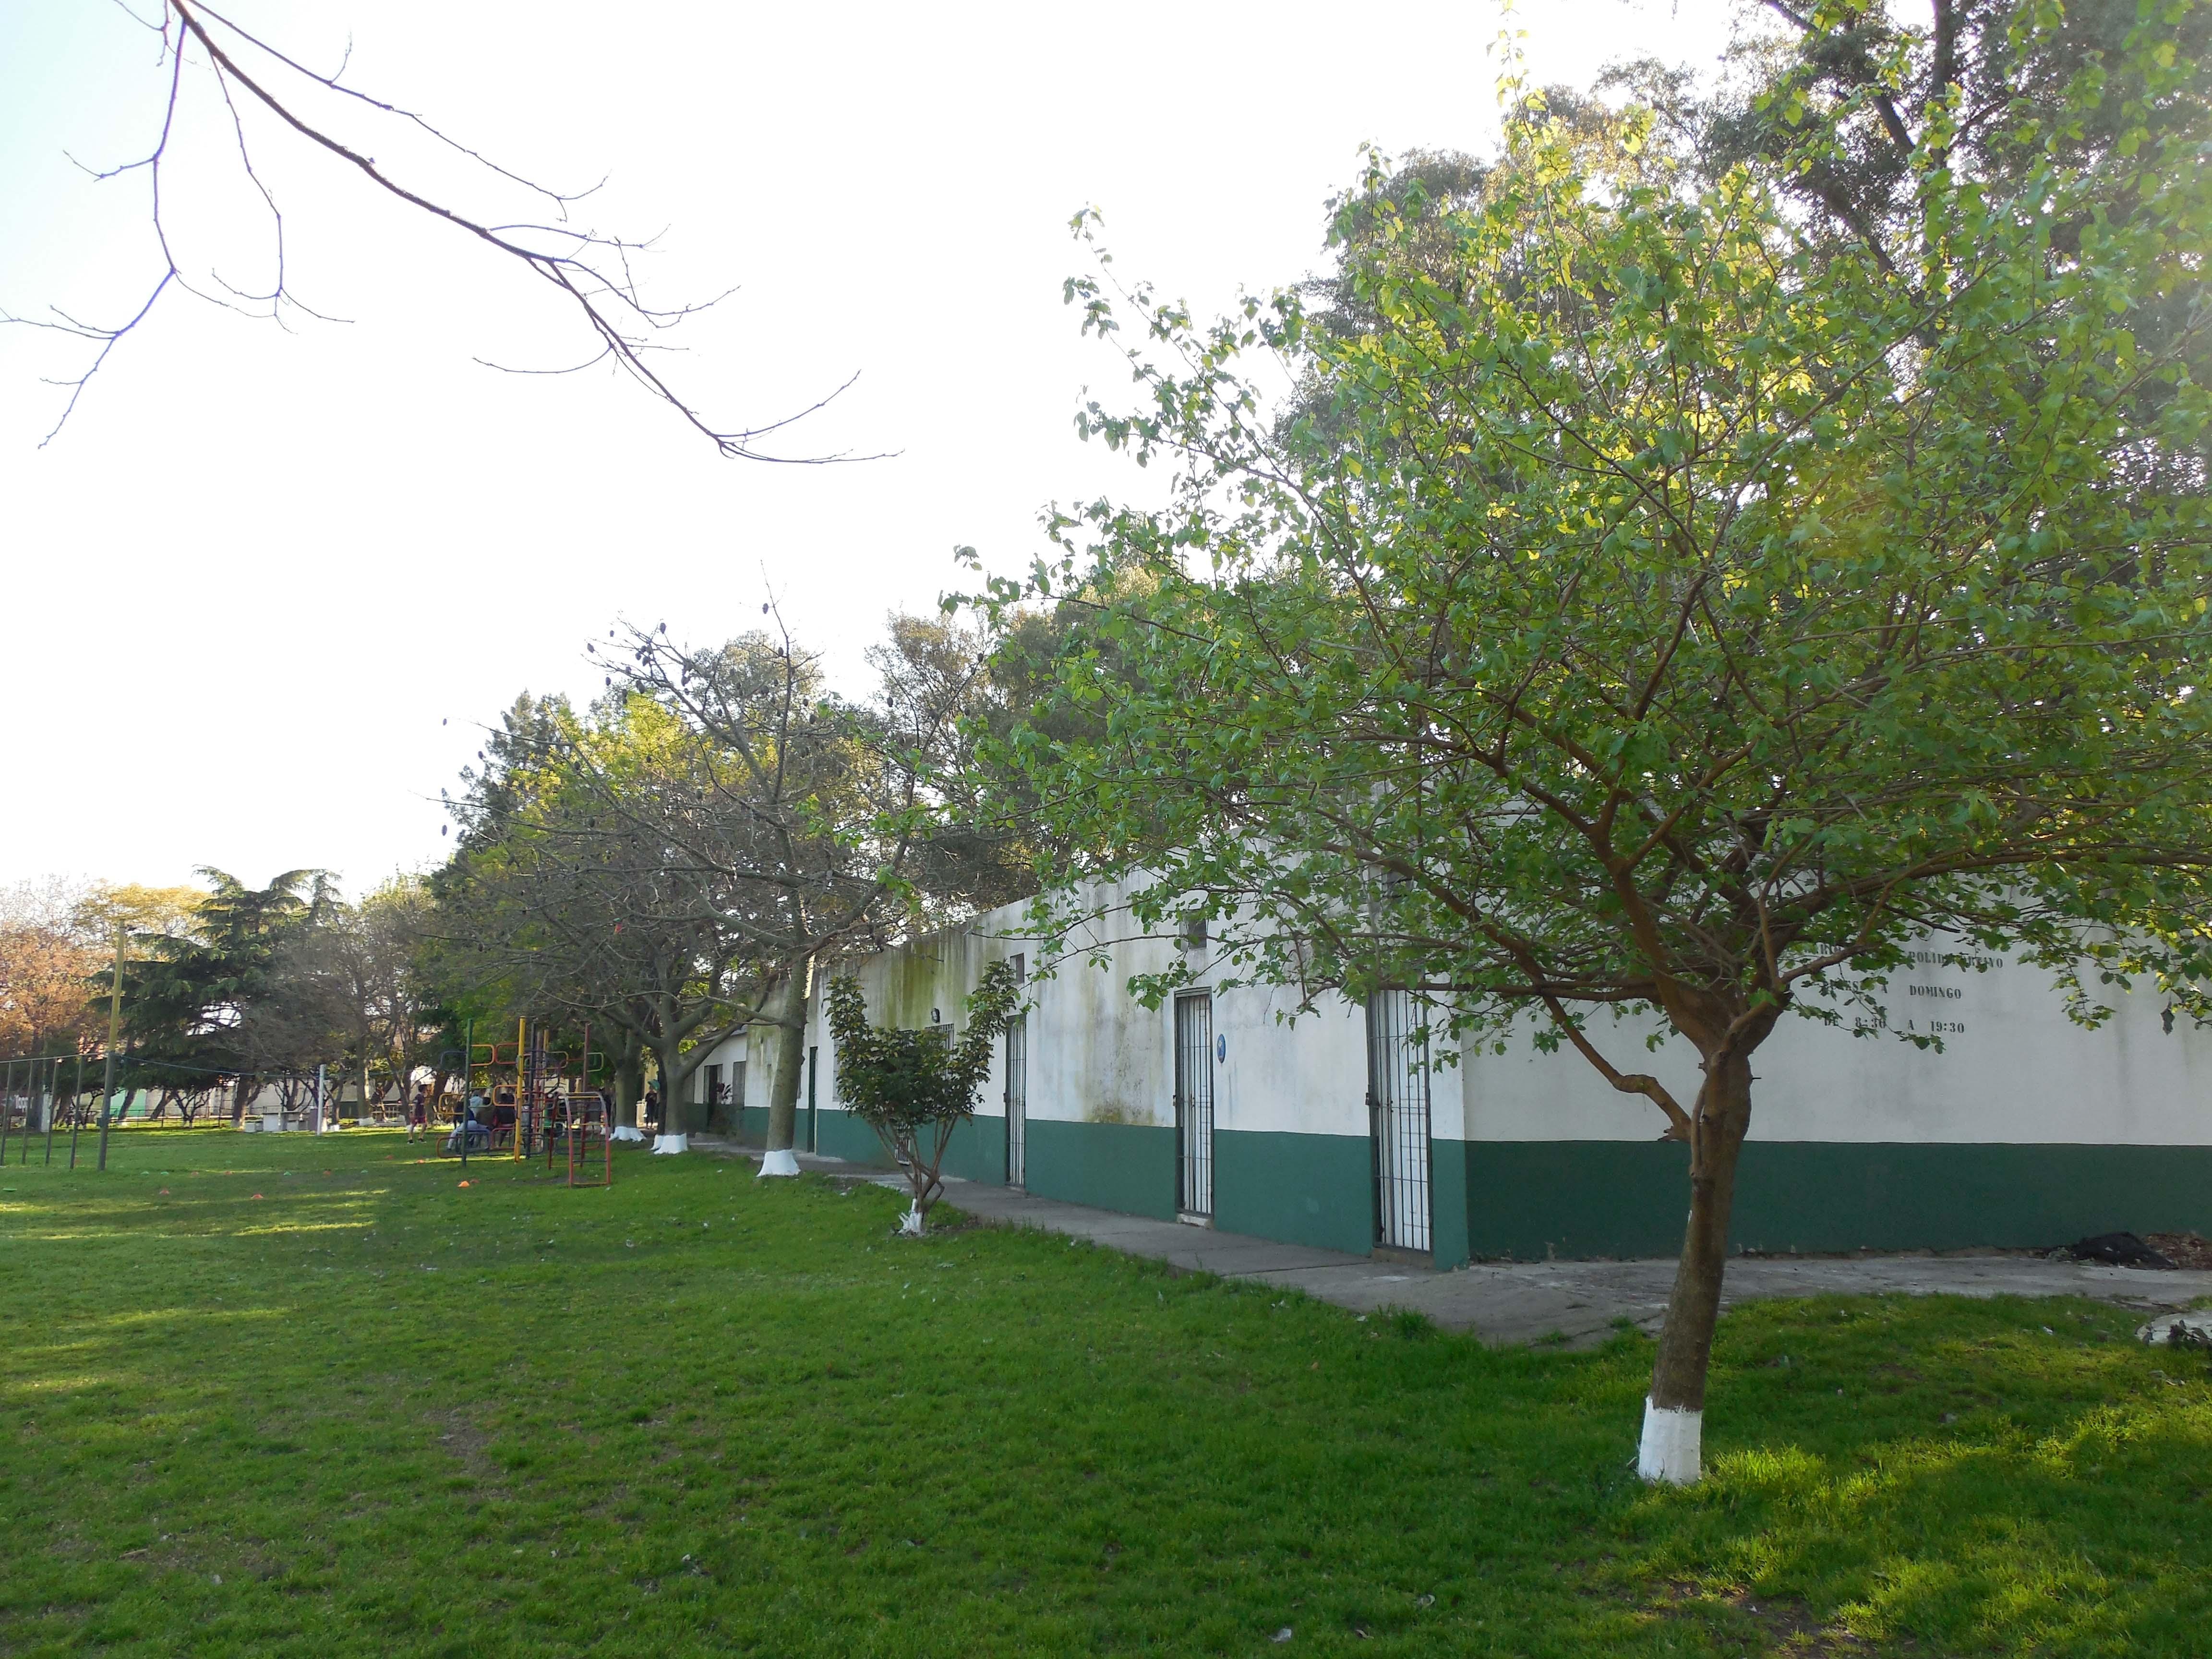 Idea Feliz - Sociedad Recreativa Cultural Deportiva y Fomento Idea Felíz